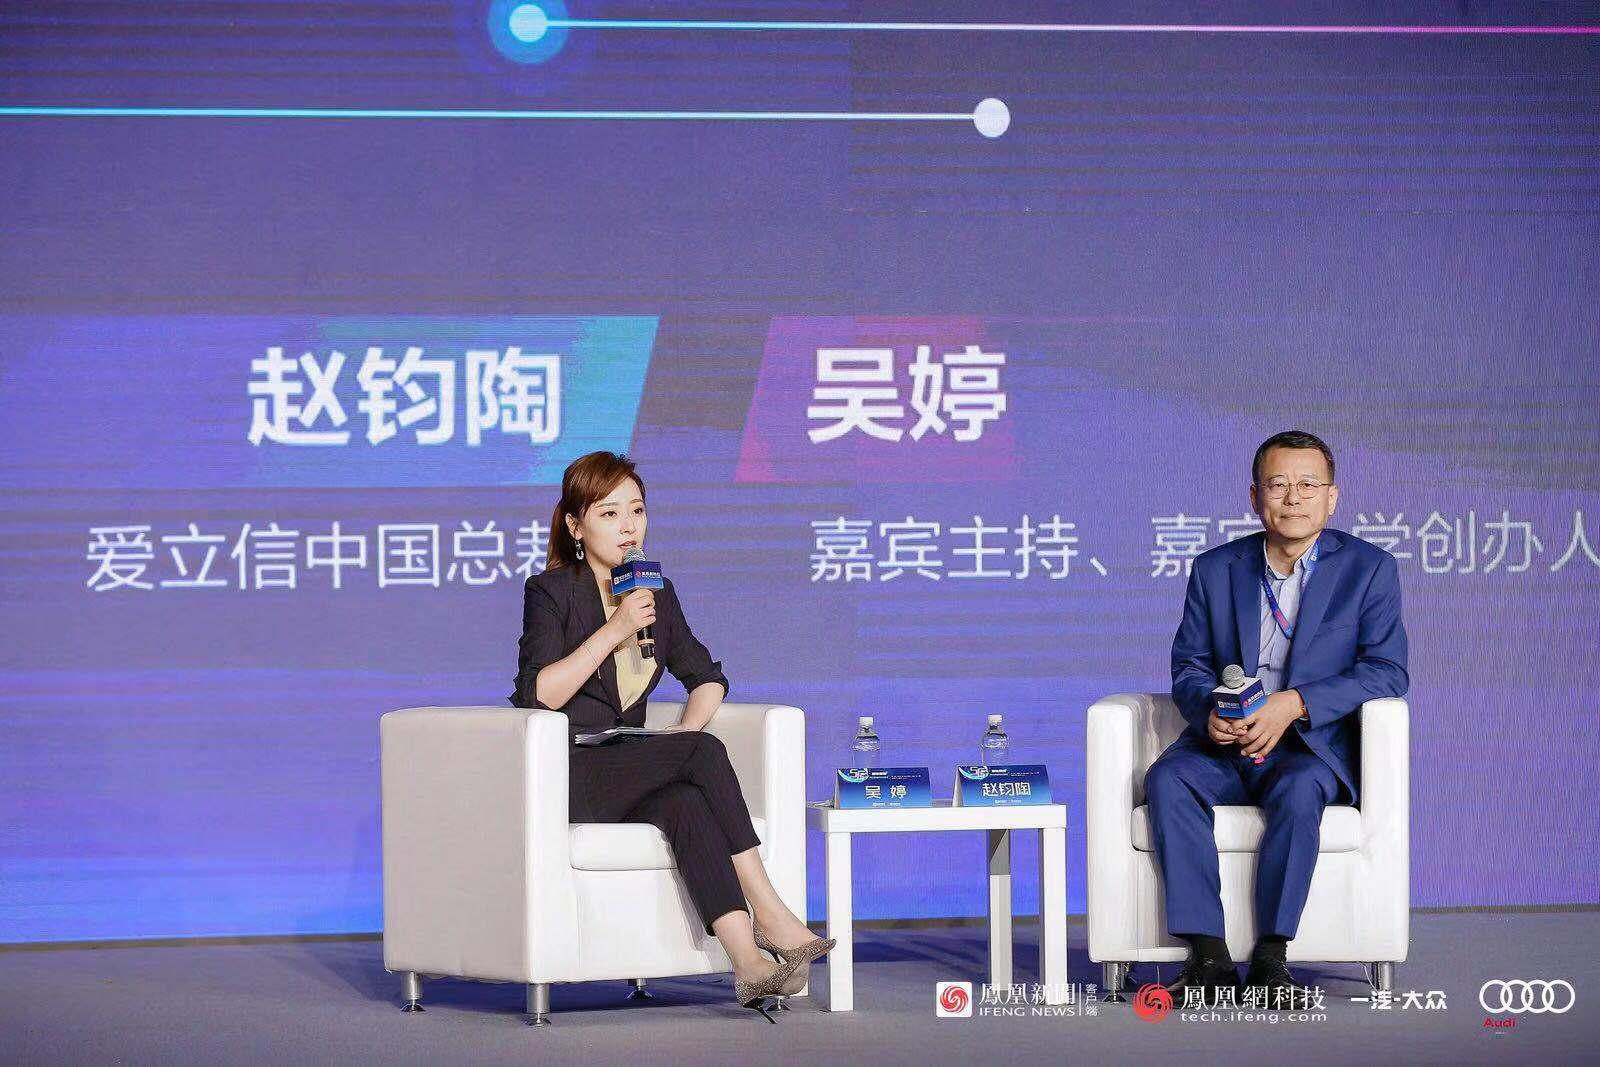 爱立信中国总裁赵钧陶:在中国累计研发投入超150亿元